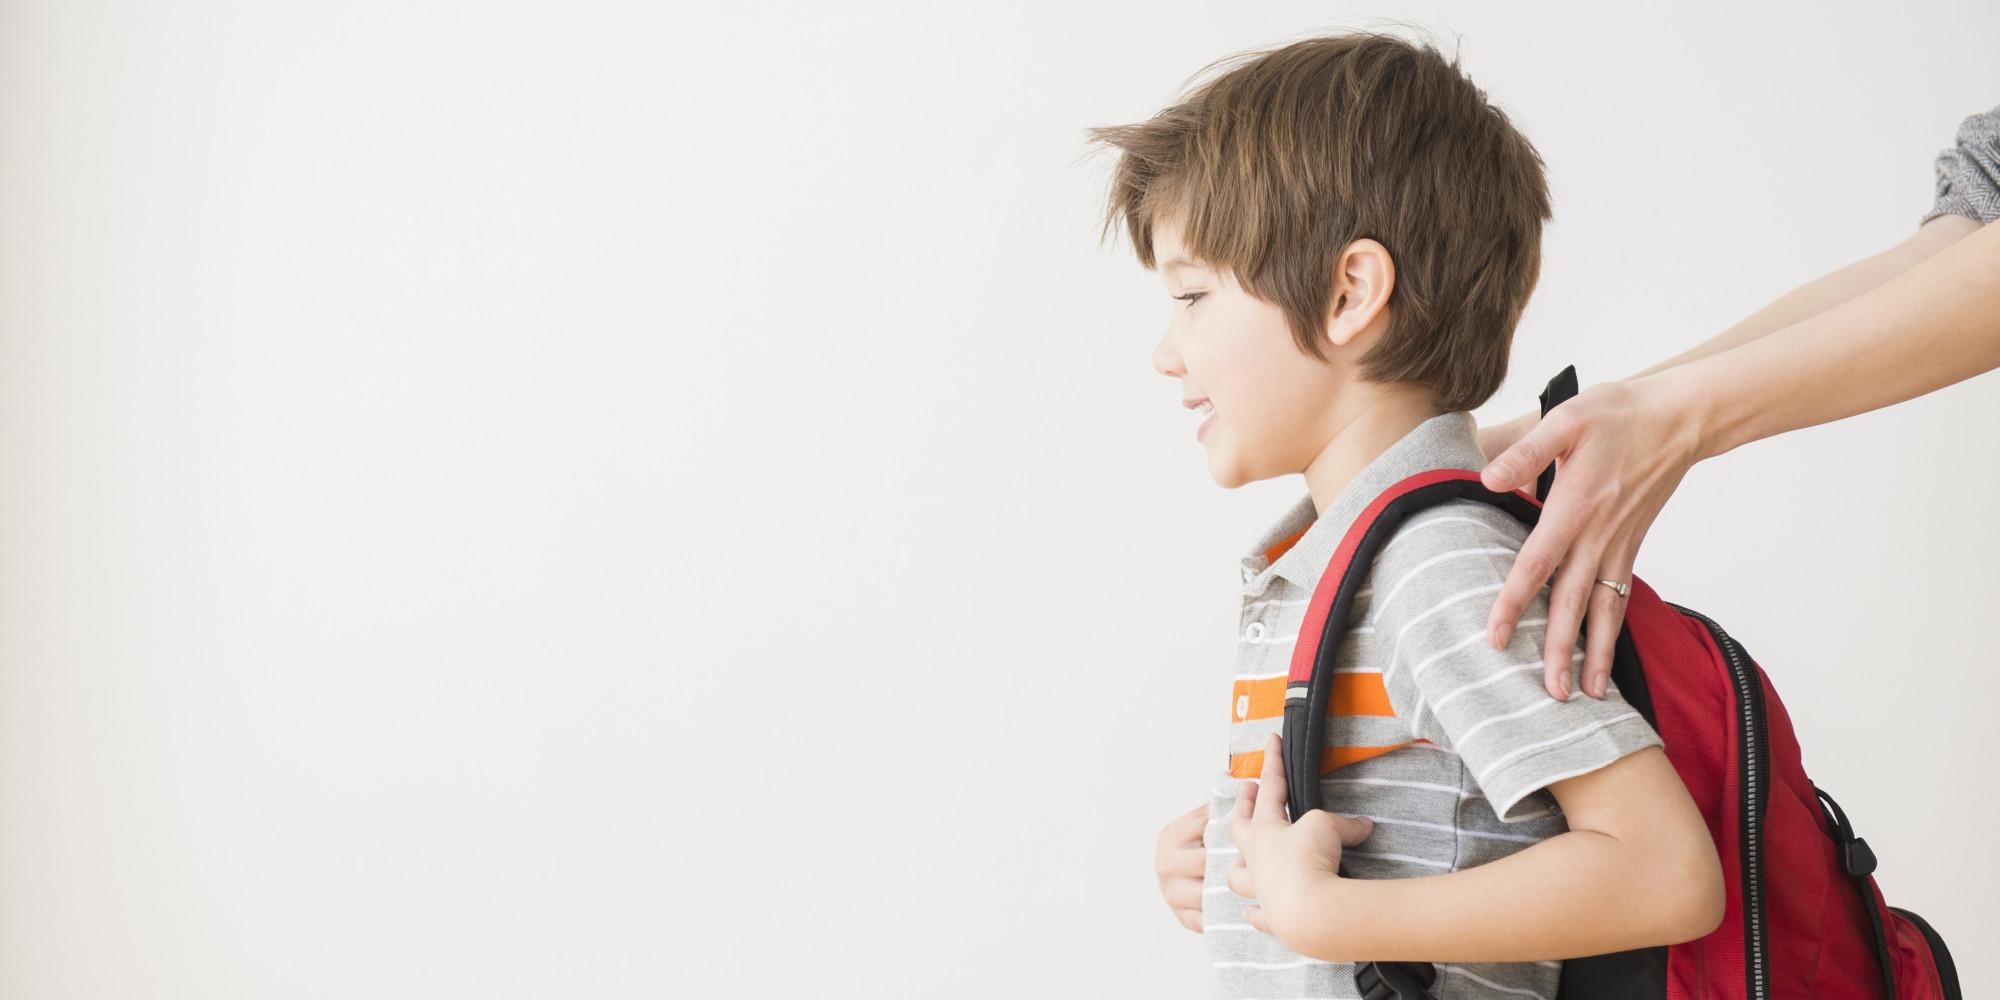 دعاء تحصين الاطفال قبل الخروج الى المدرسة من كل سوء بيتى